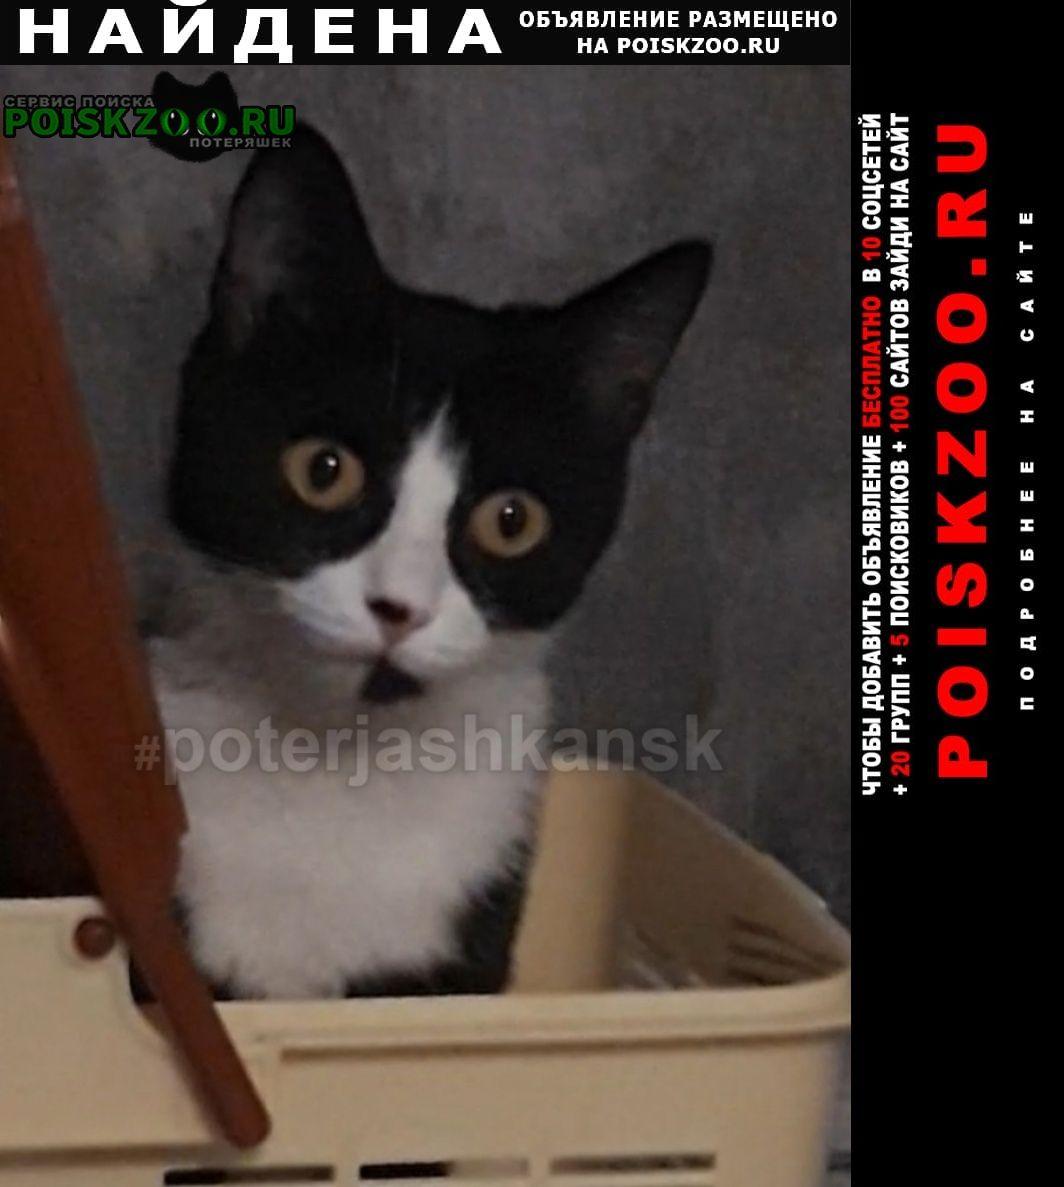 Найдена кошка черно-белая Новосибирск